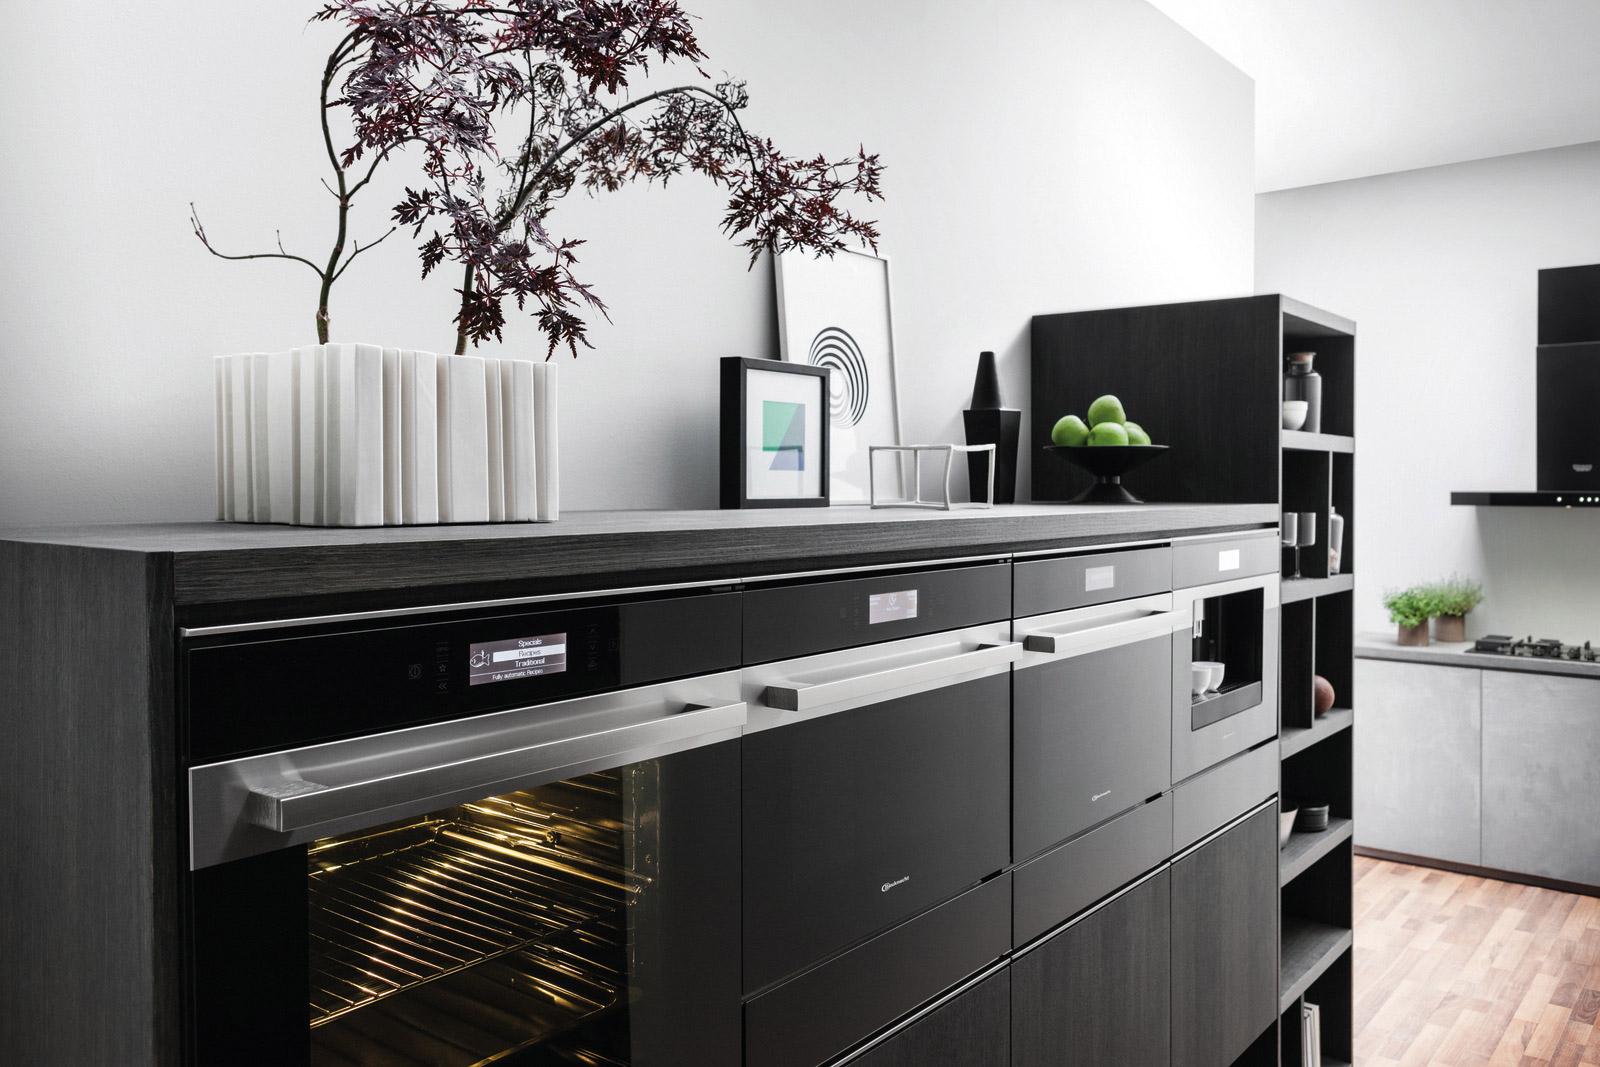 bauknecht design eigenst ndig begeisternd. Black Bedroom Furniture Sets. Home Design Ideas